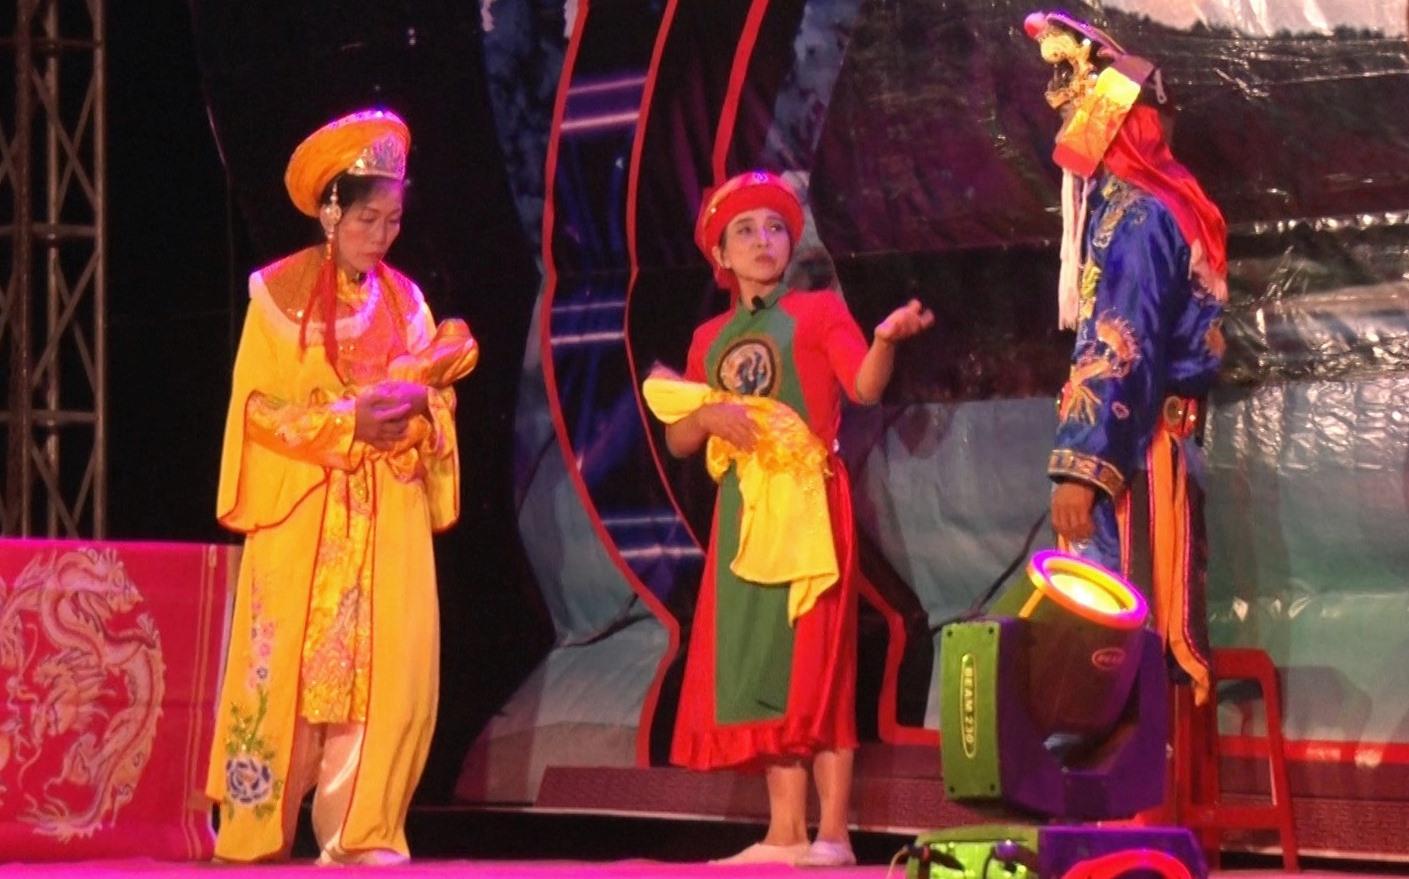 Liên hoan nghệ thuật tuồng huyện Nông Sơn lần thứ VI năm 2021 diễn ra trong dịp Lễ hội Bà Thu Bồn đón nhận Bằng công nhận di sản văn hóa phi vật thể cấp quốc gia. Ảnh: LÊ THÔNG